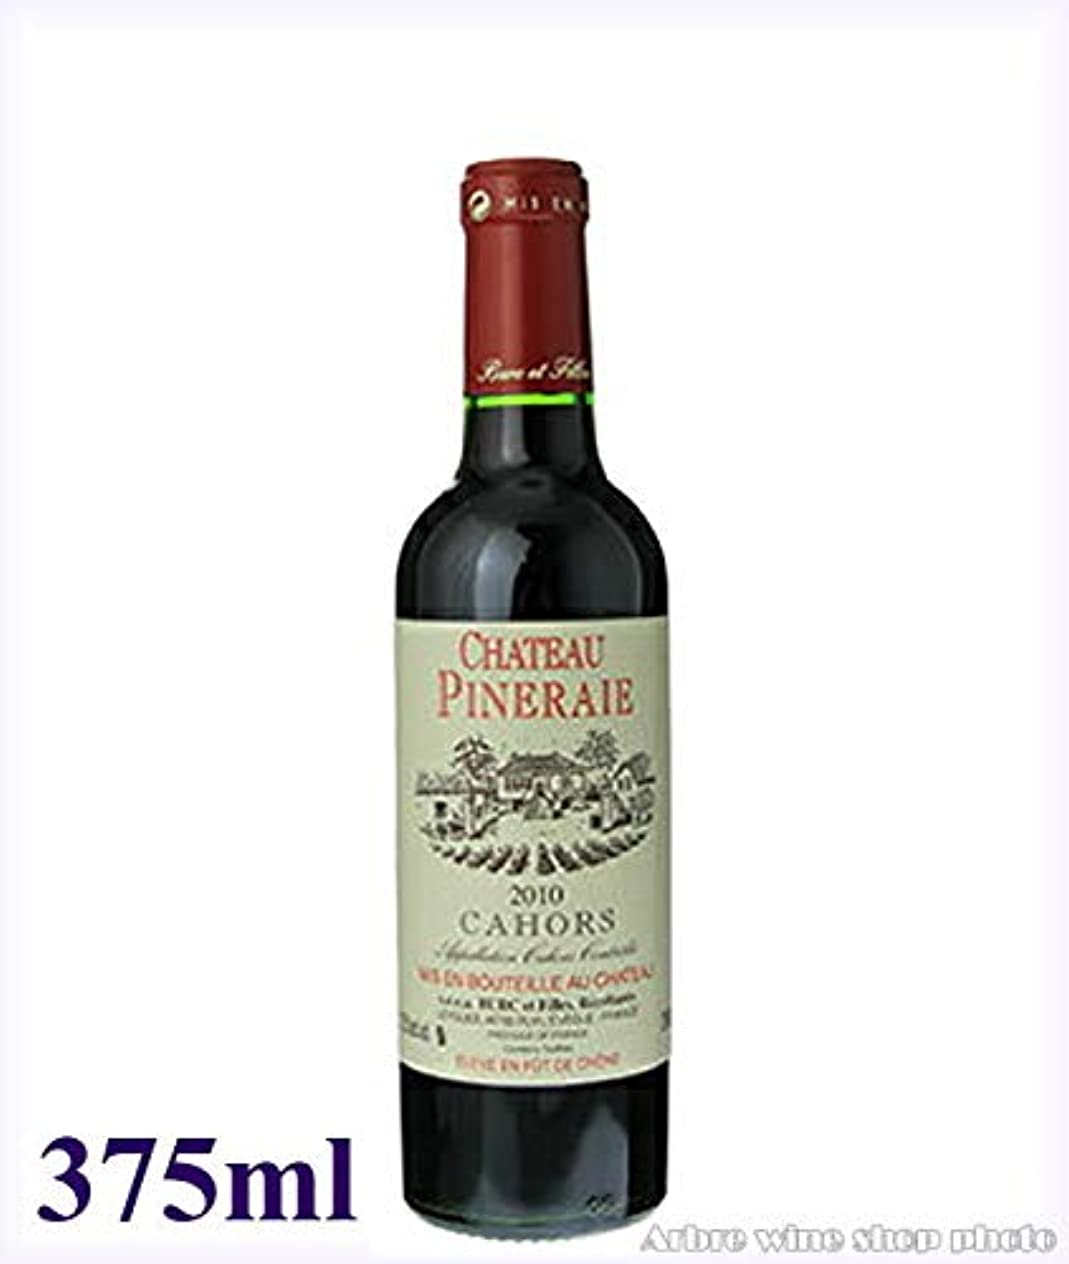 組み込む驚いたことに一晩[2010]カオール/シャトー?ピネレCahors/Chateau PINERAIE (ハーフボトル)赤 375ml